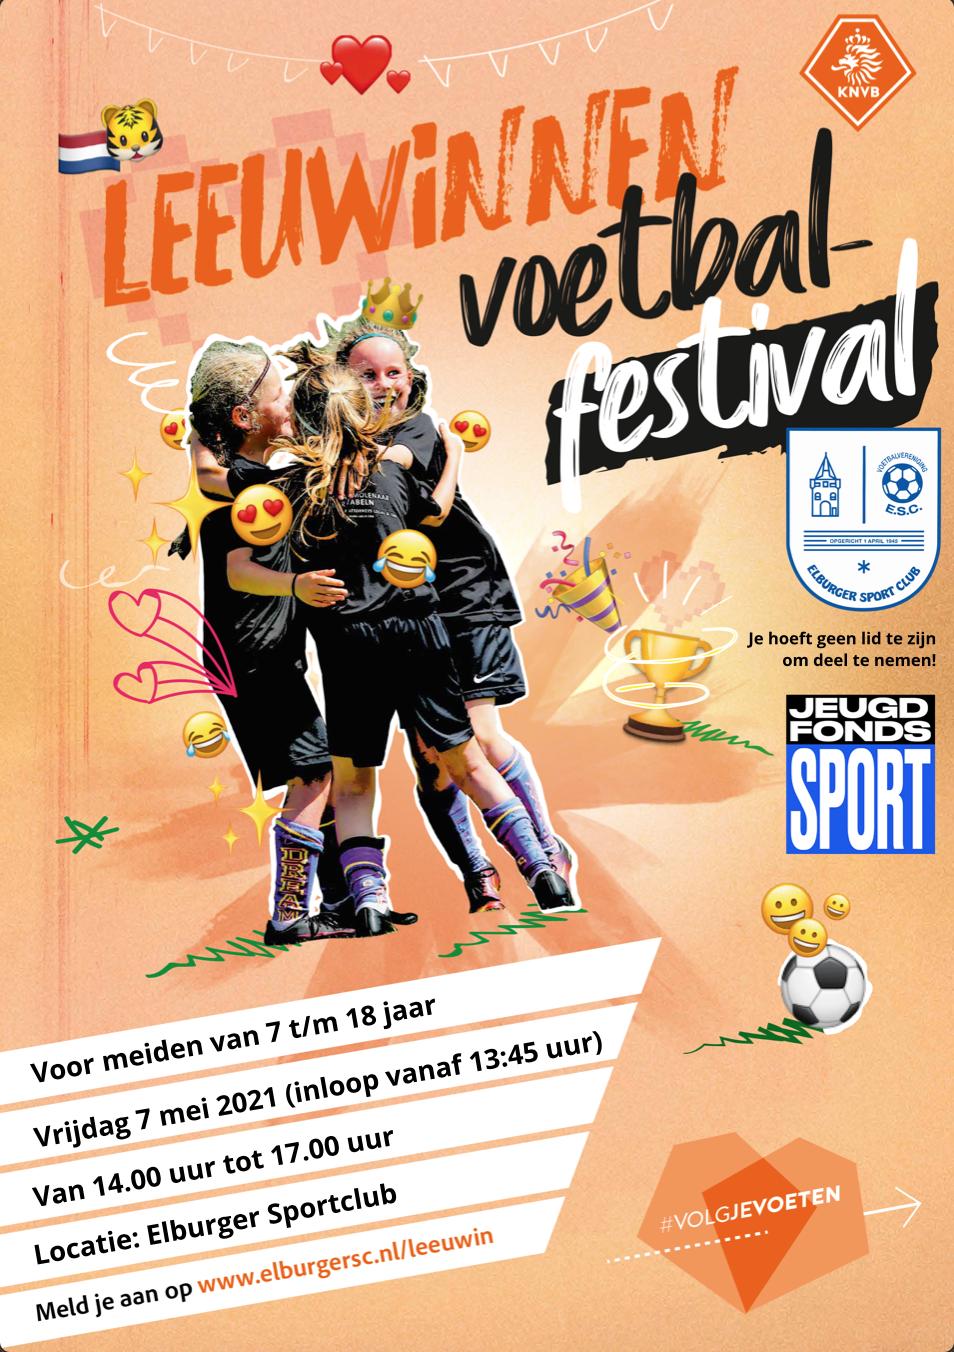 ElburgerSC - Meld je aan voor het Leeuwinnen Voetbalfestival en neem een vriendin mee!